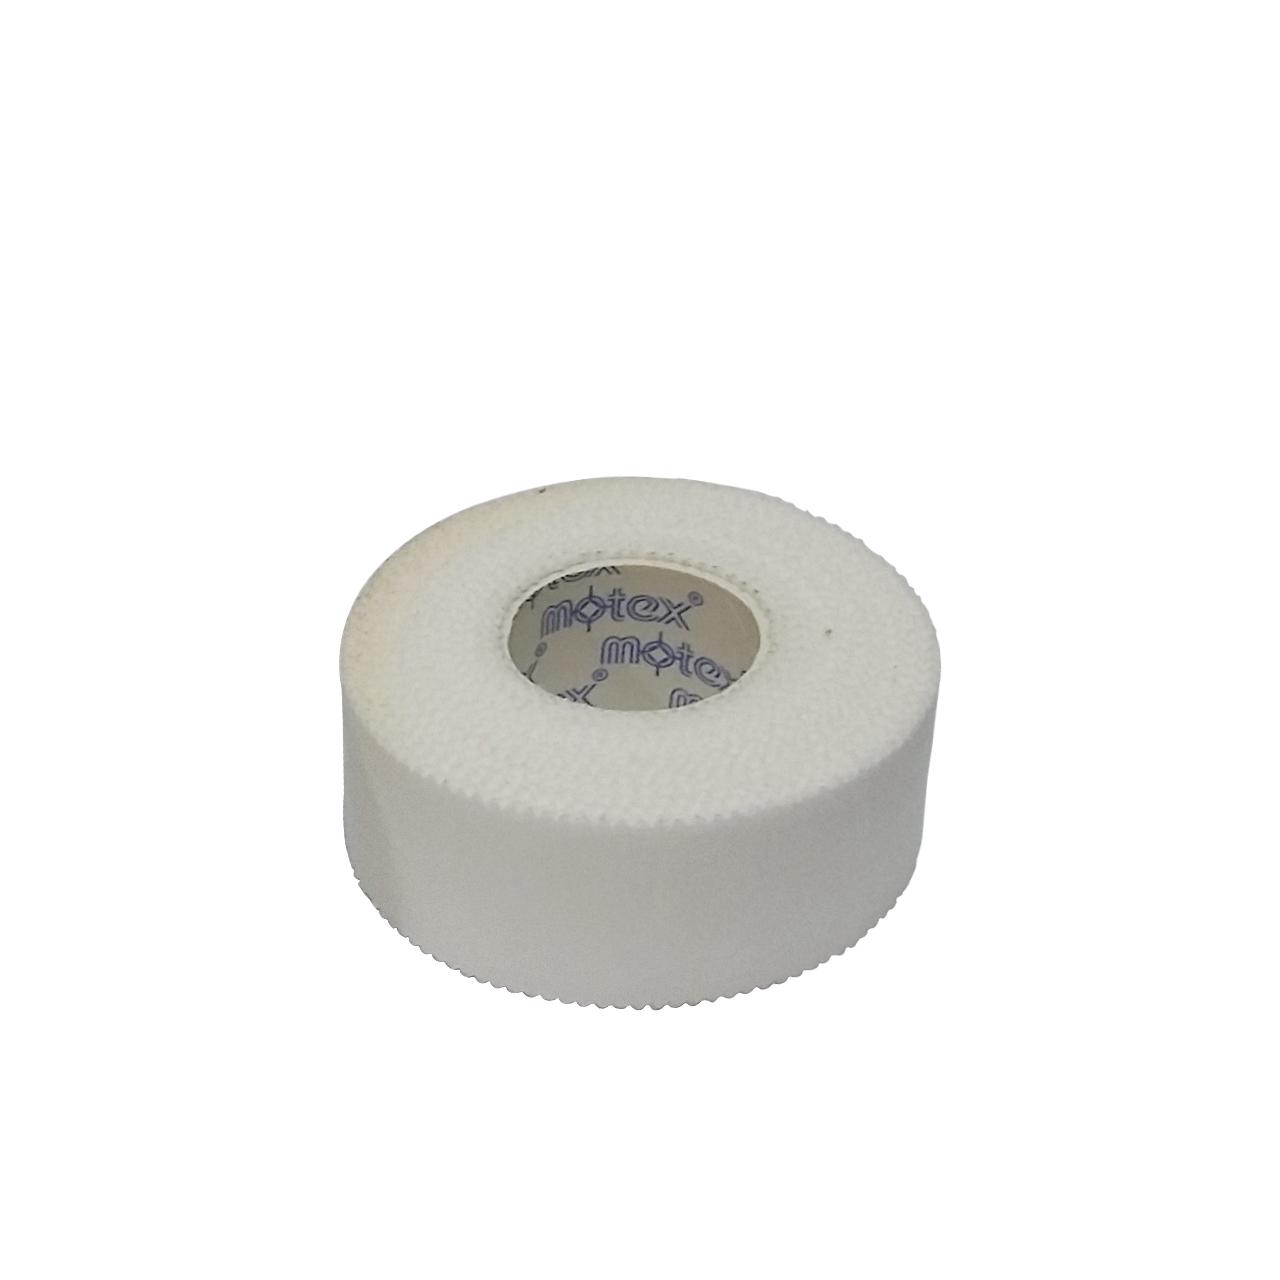 چسب پارچه ای 2/5 سانت موتکس مدل Sport Tapes